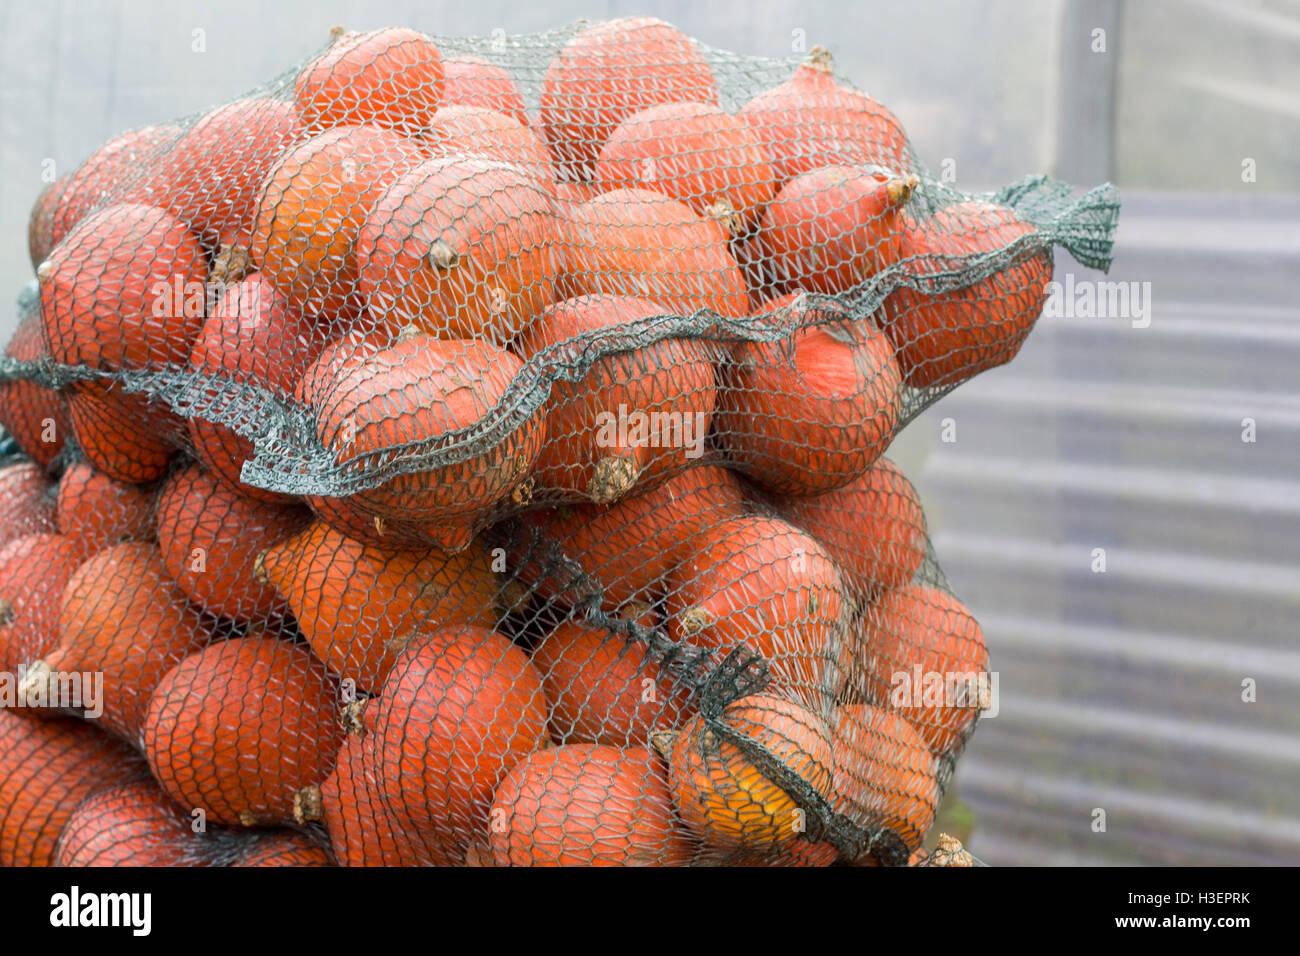 Cucurbita, Baged Red kuri pumpkins Stock Photo